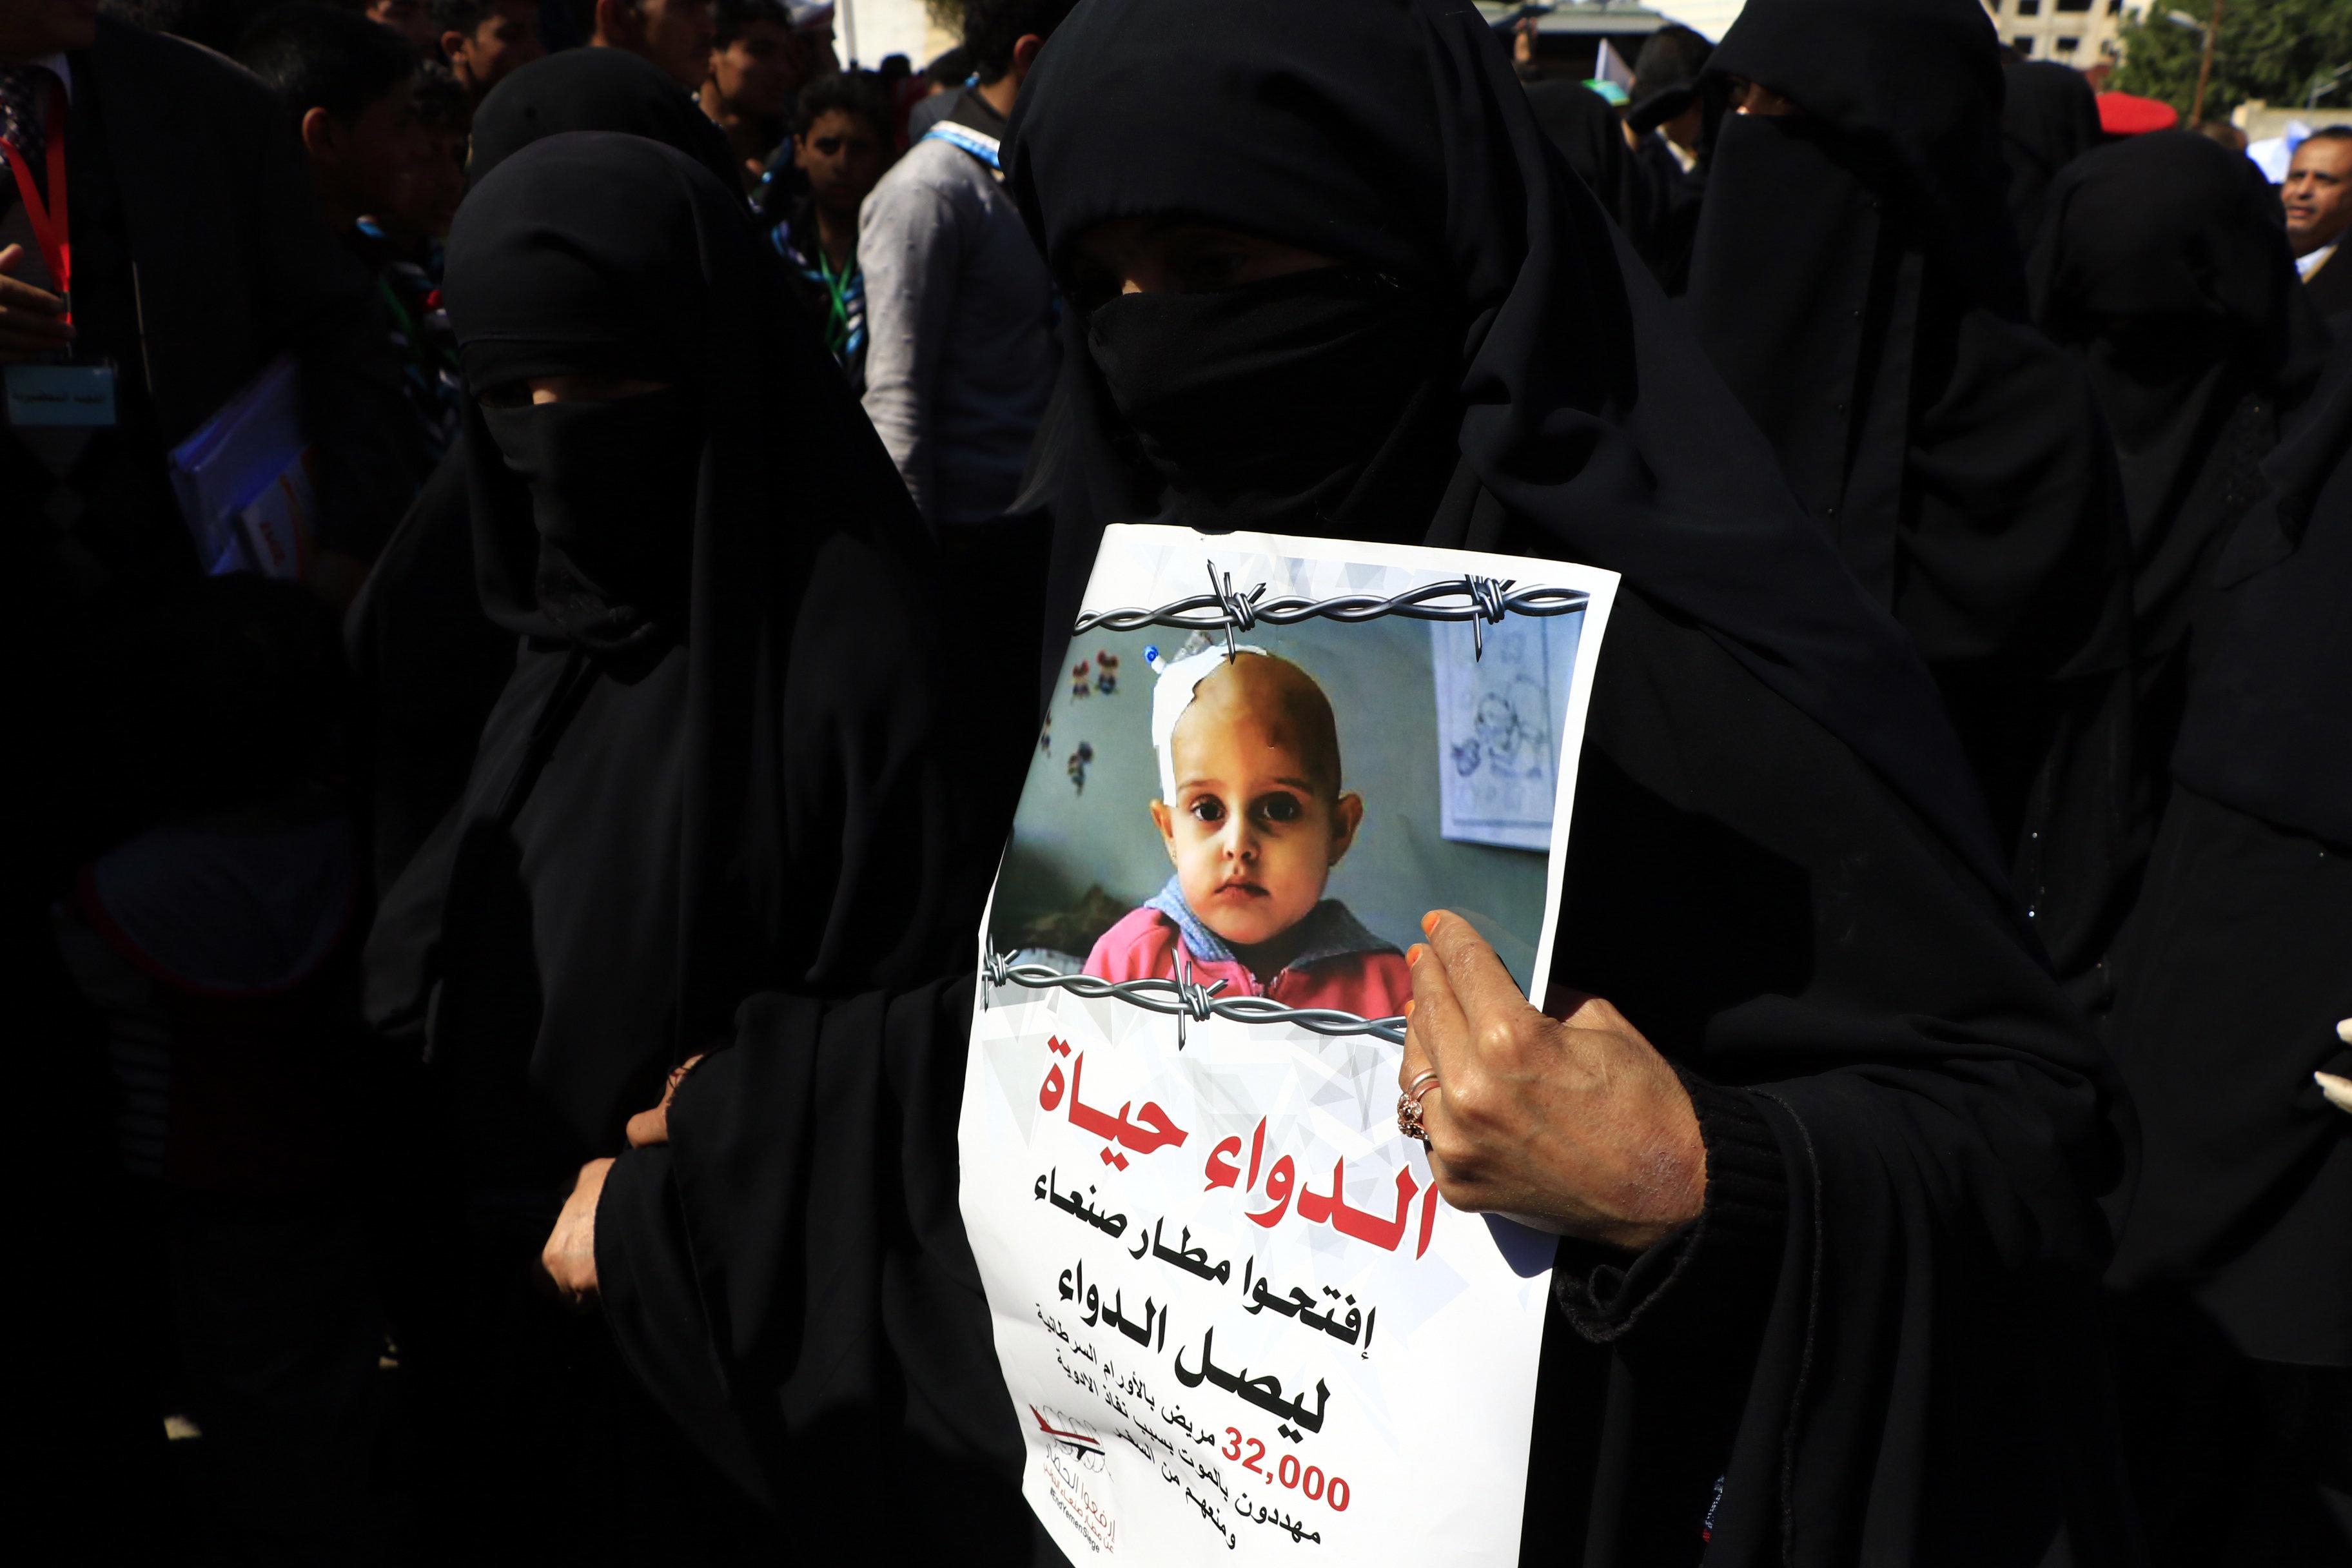 5 δισεκ. δολάρια για την αποστολή ανθρωπιστικής βοήθειας Υεμένη αναζητά ο